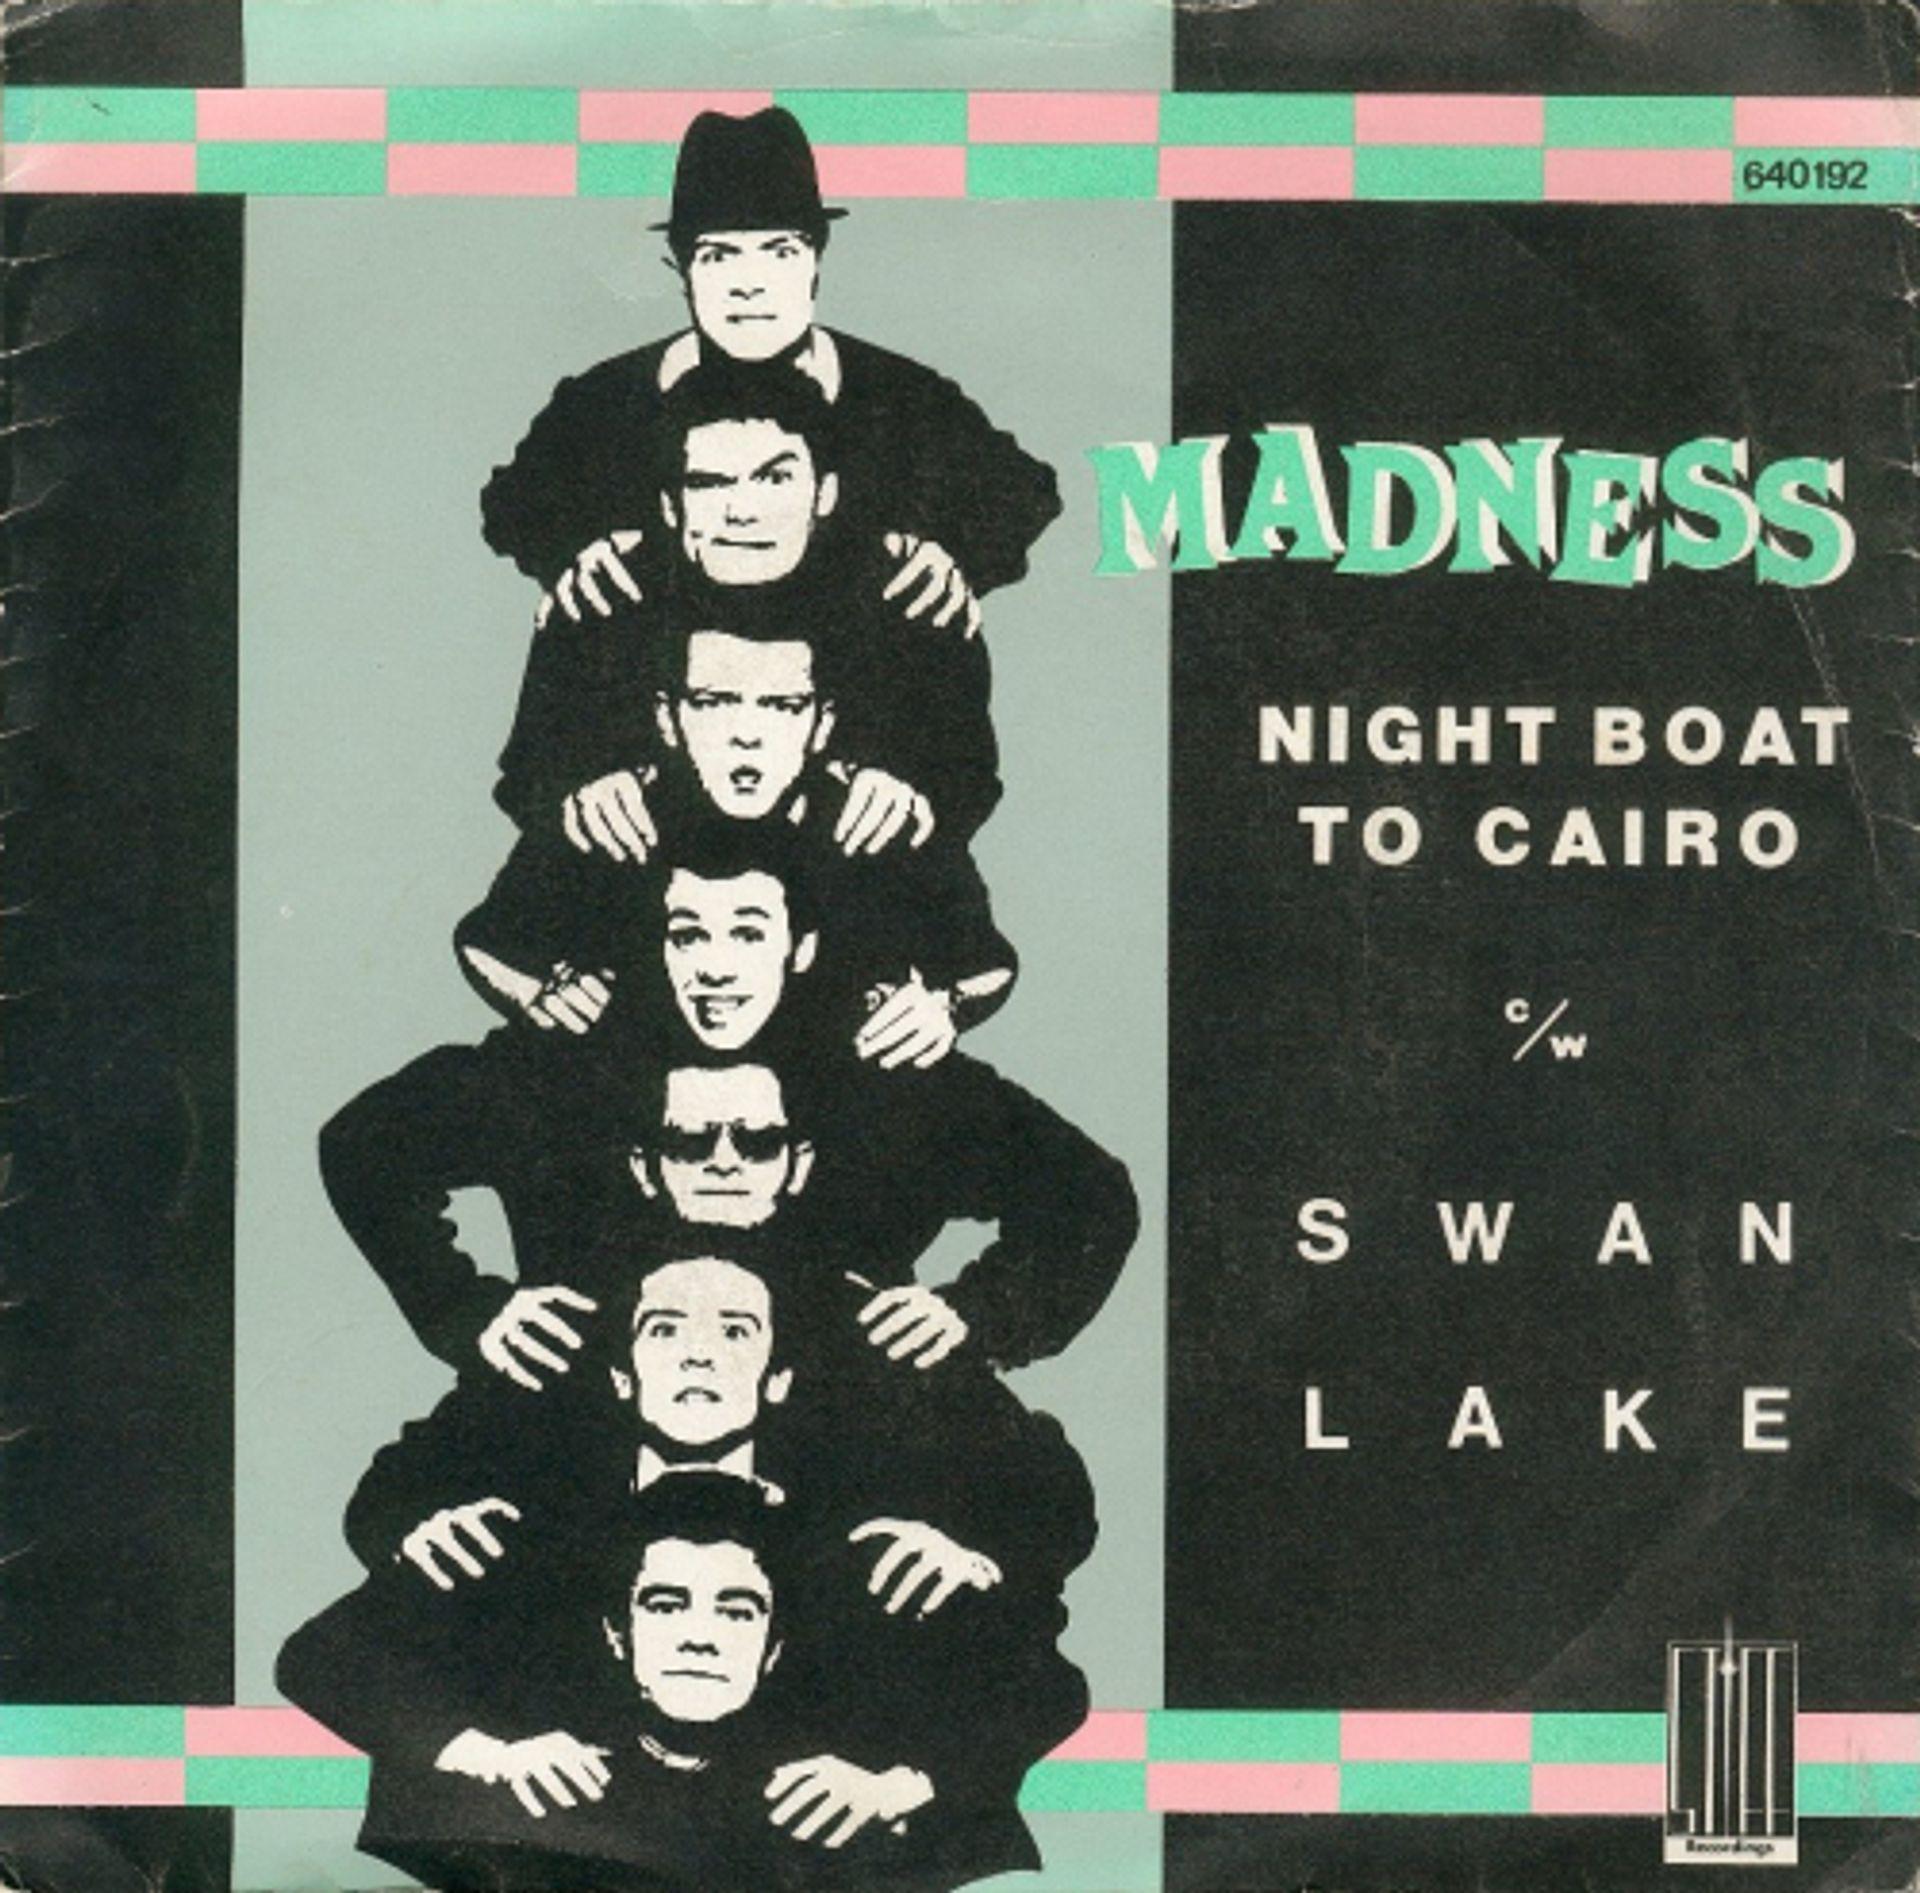 NIGHTBOAT TO CAIRO